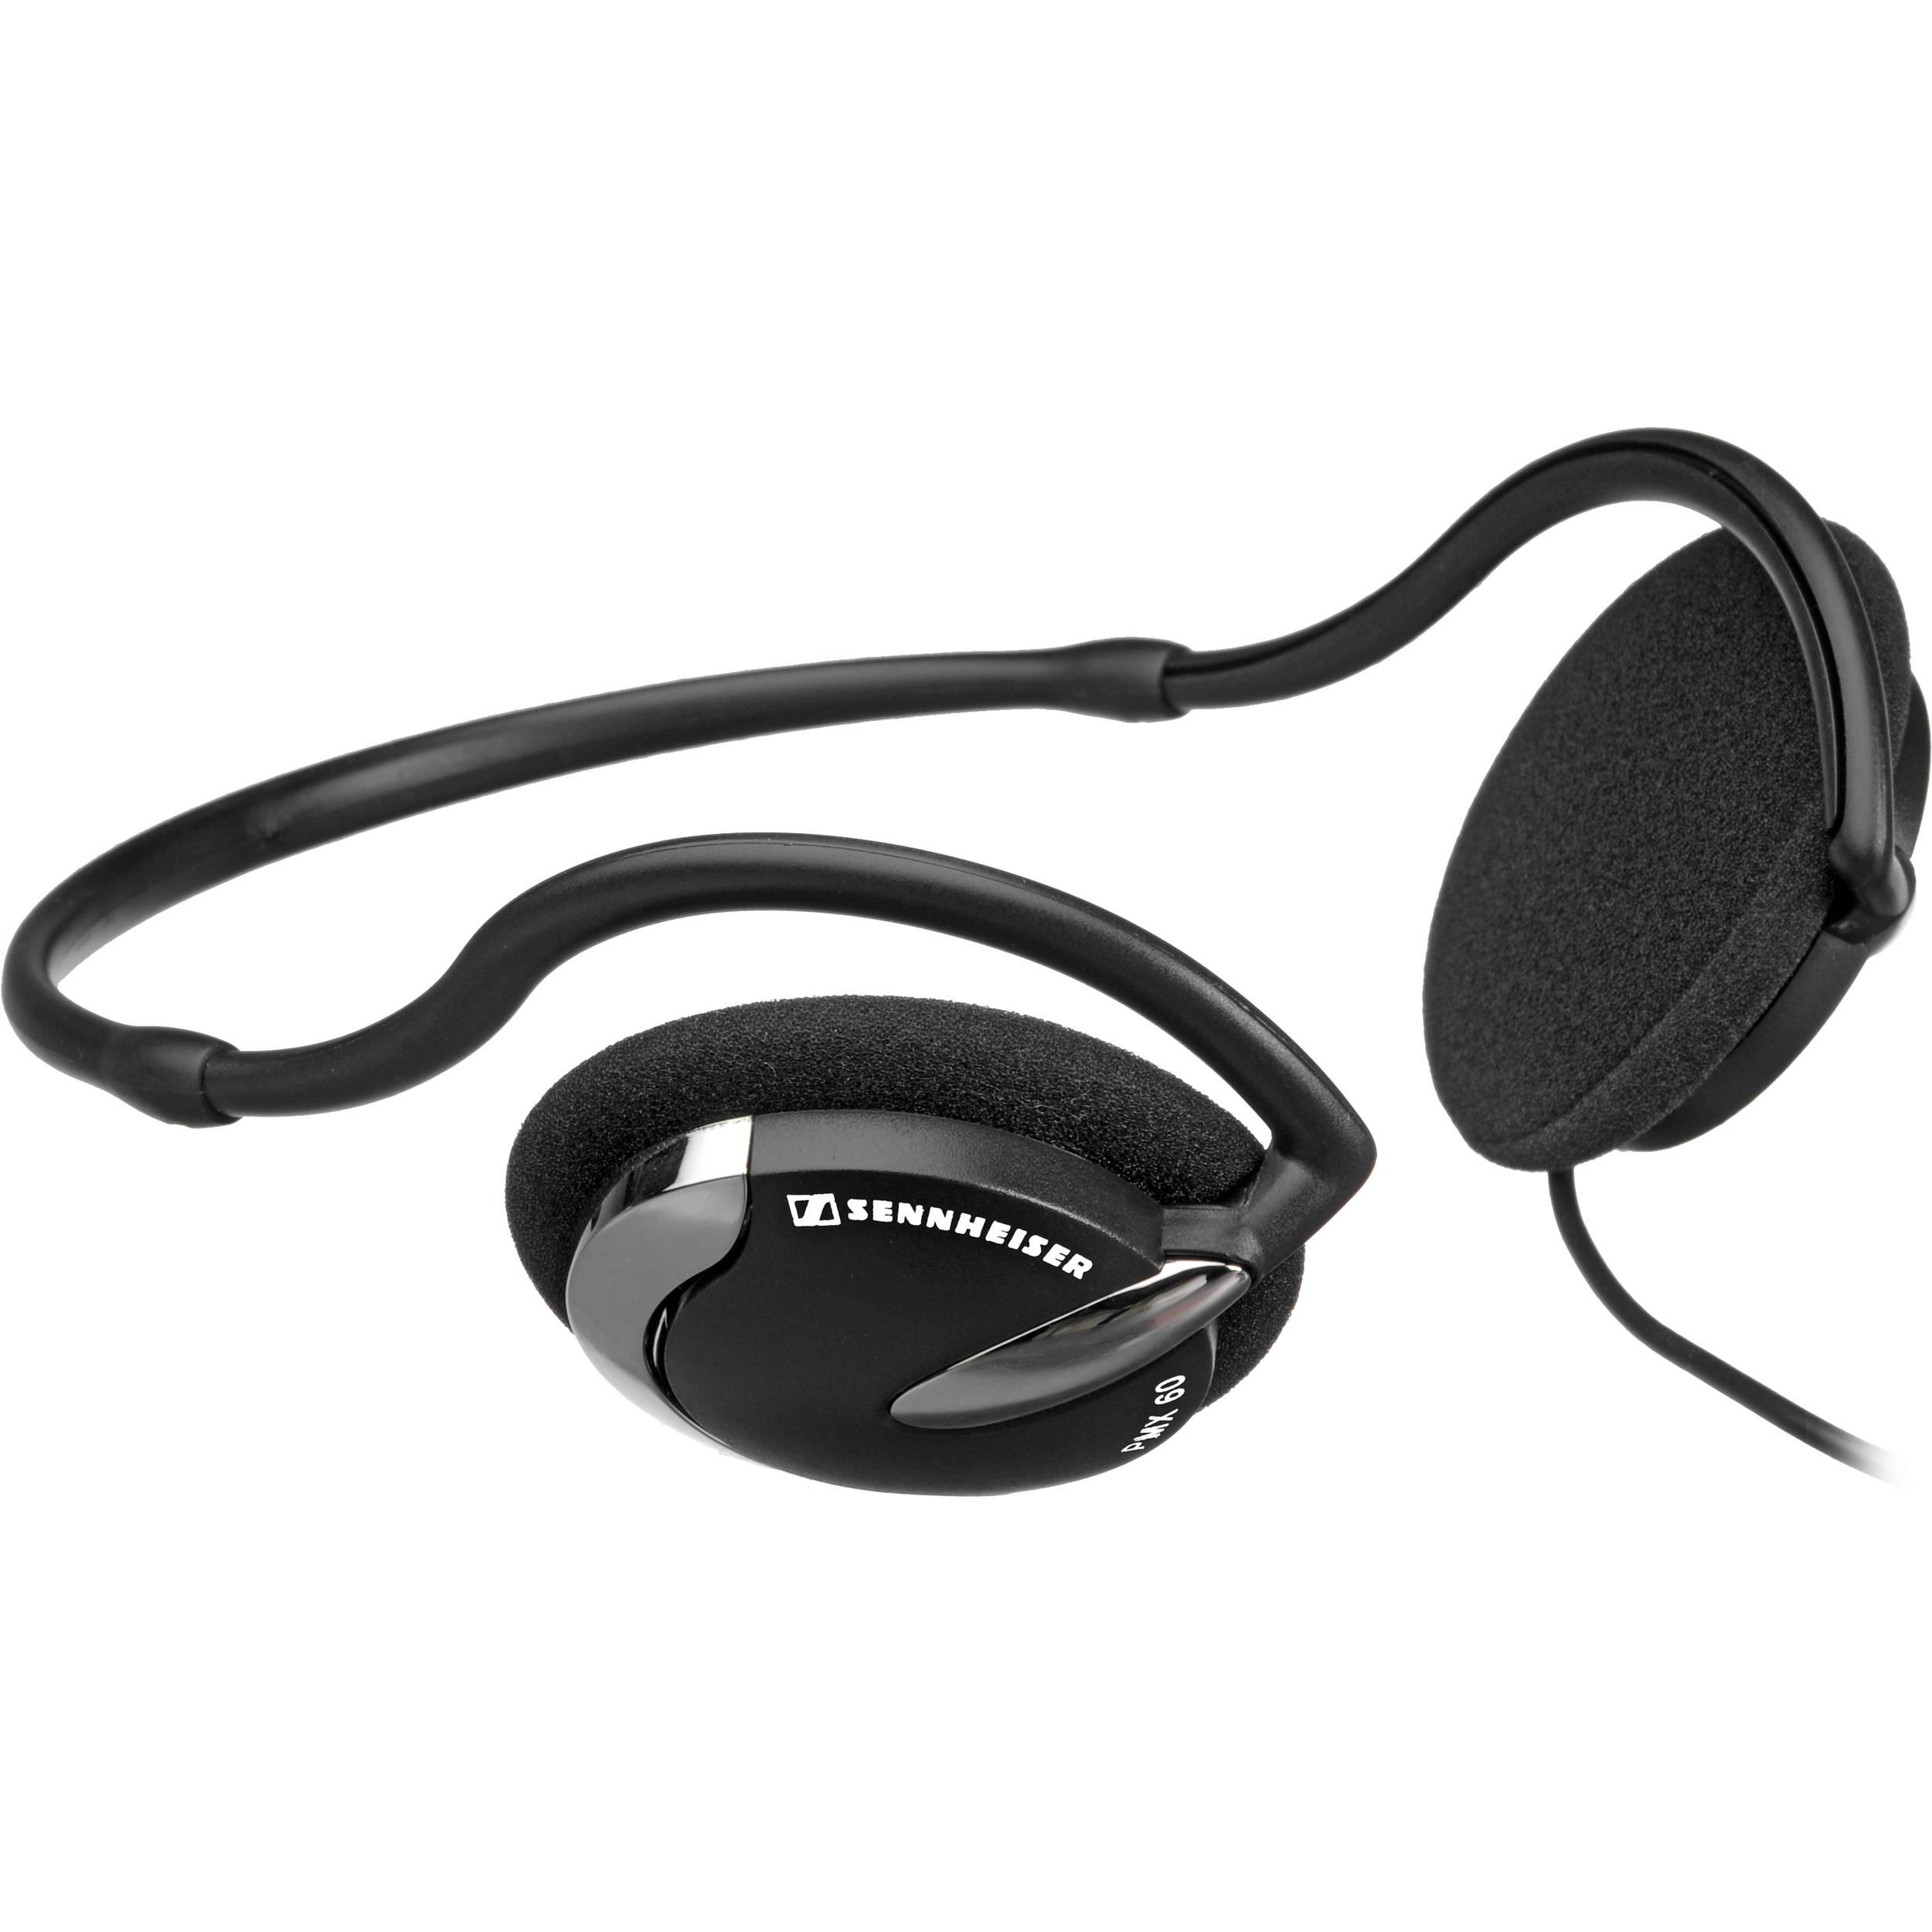 Накладные наушники для телефона закрепляются на поверхности уха 5b2ab3b2b5763